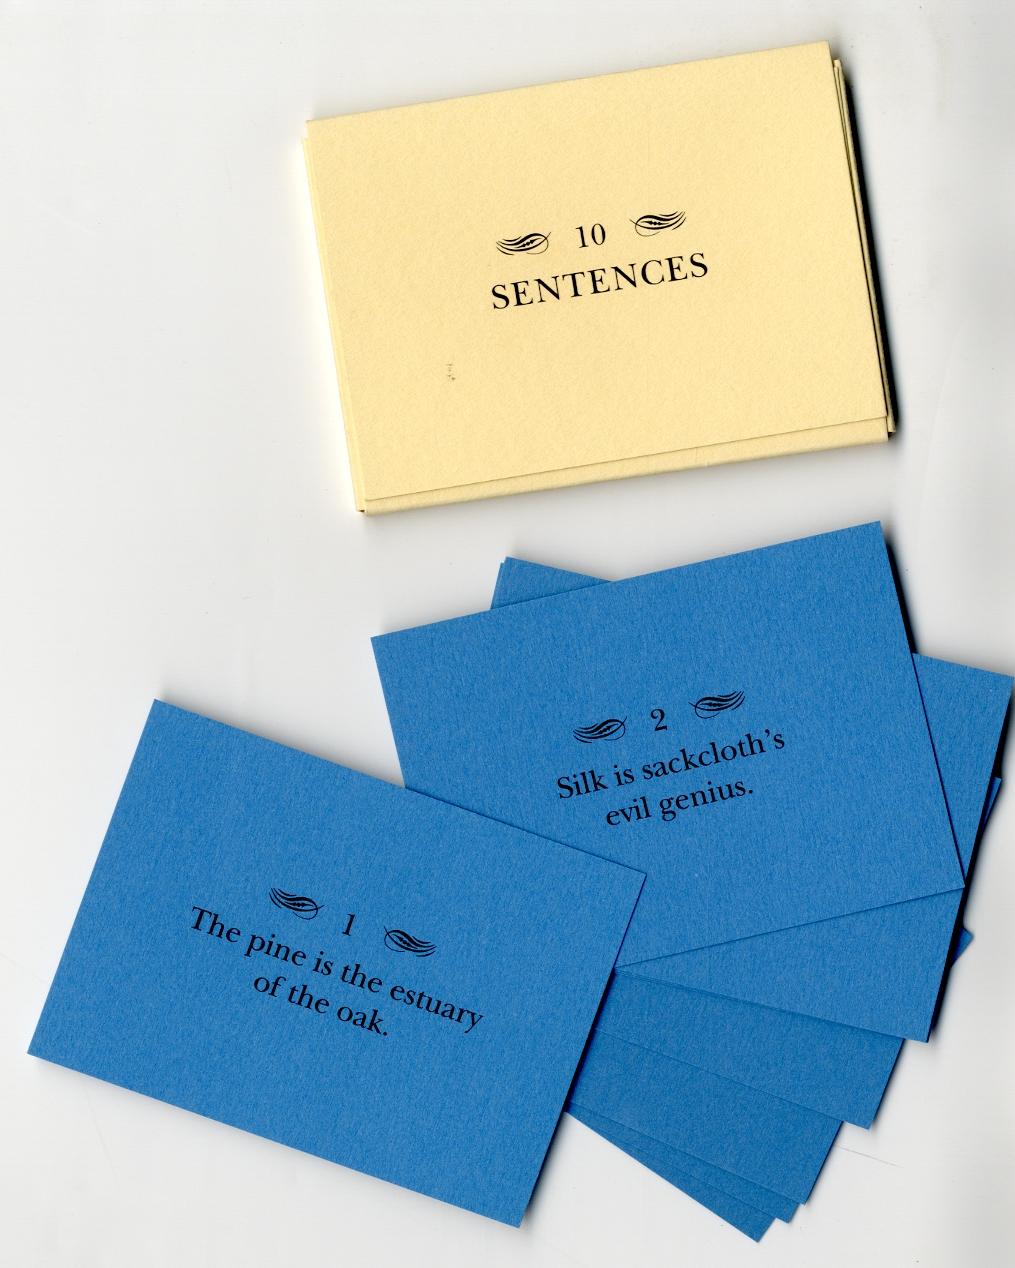 10 Sentences